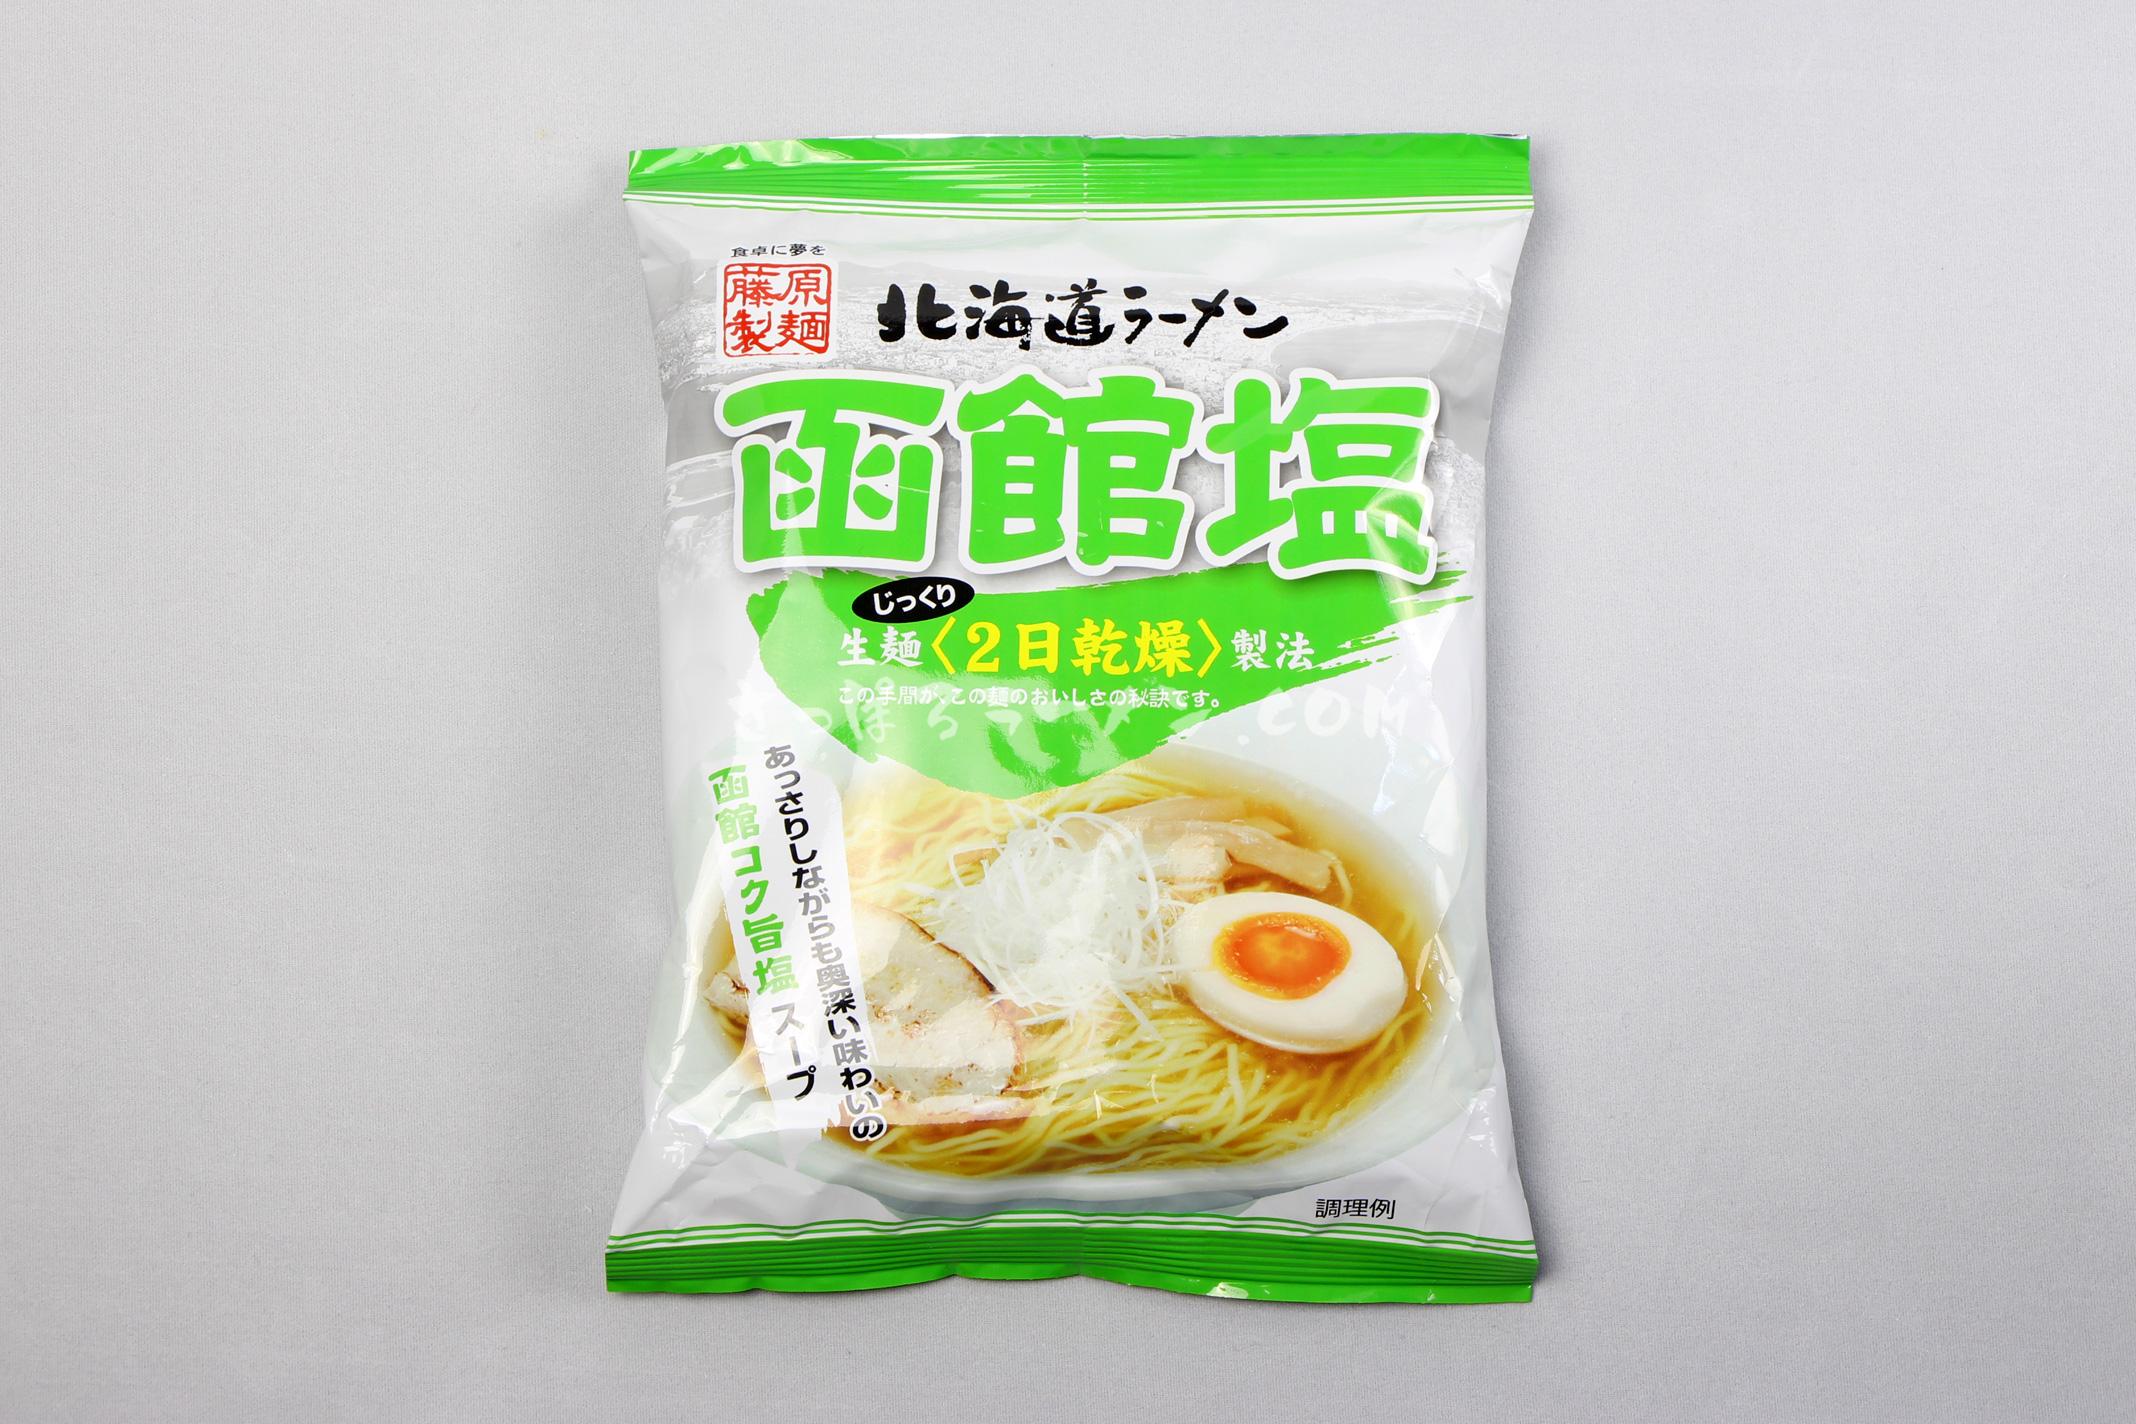 「北海道ラーメン函館塩」(藤原製麺)のパッケージ(表)